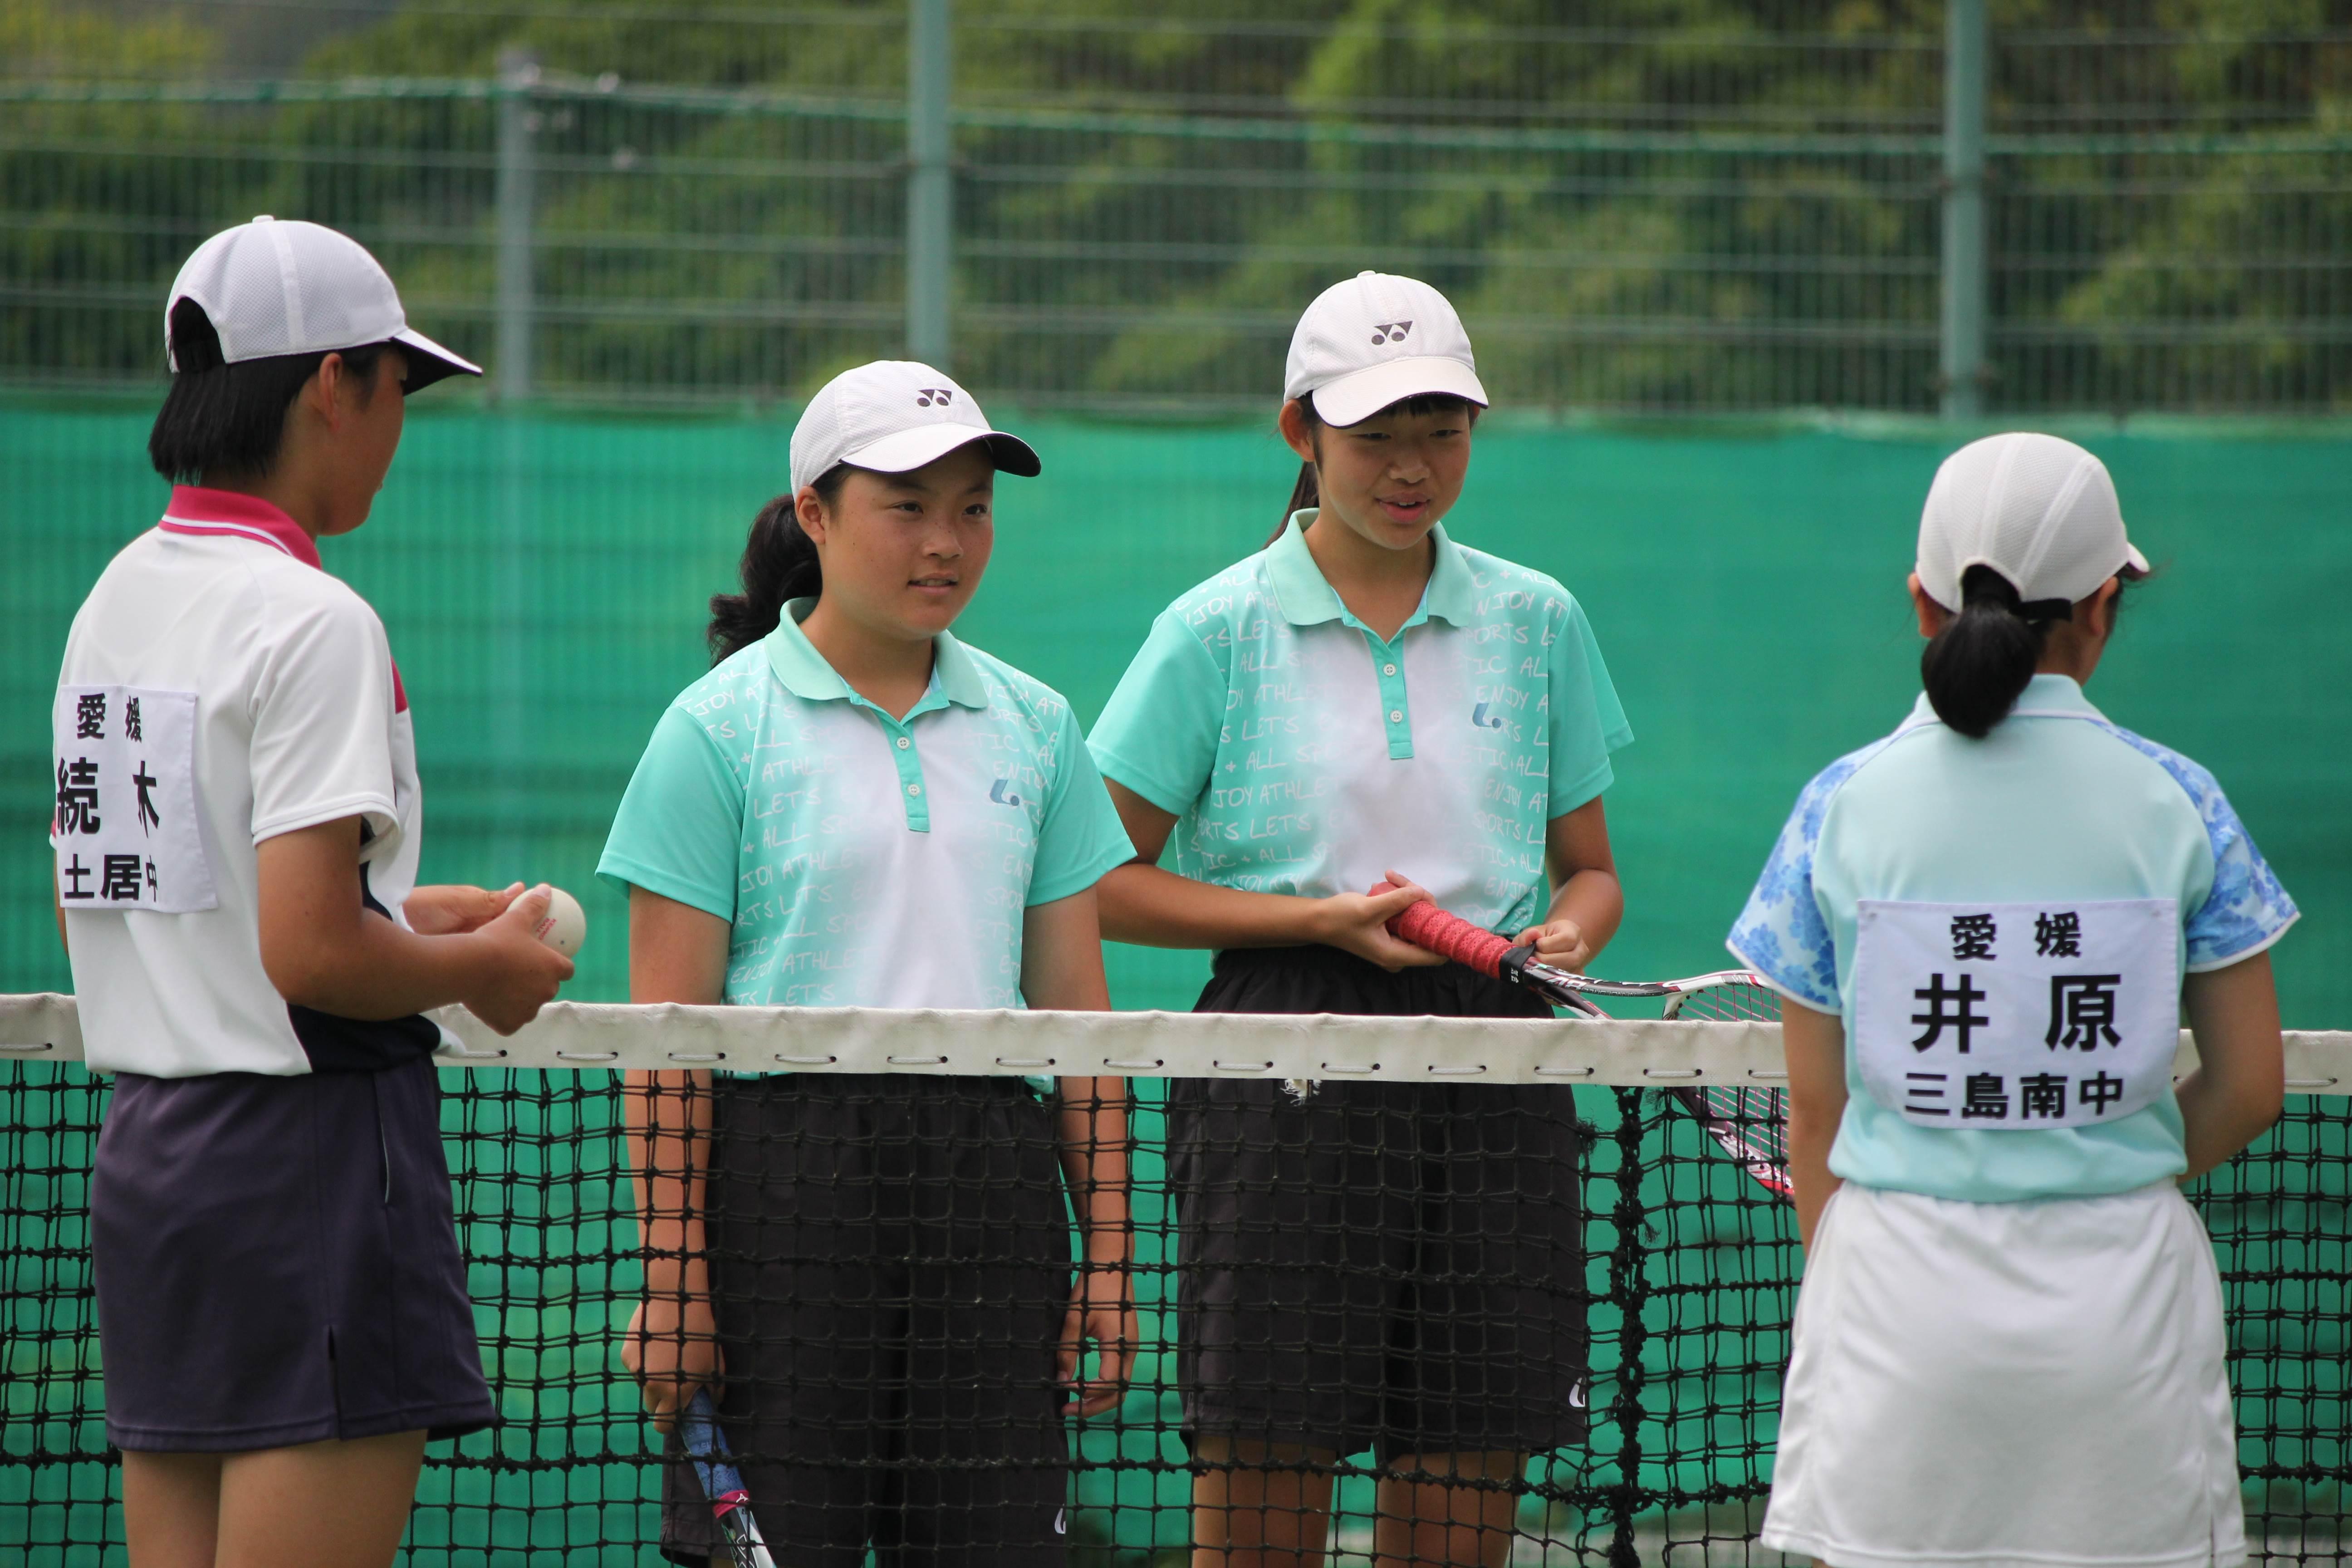 ソフトテニス (82)